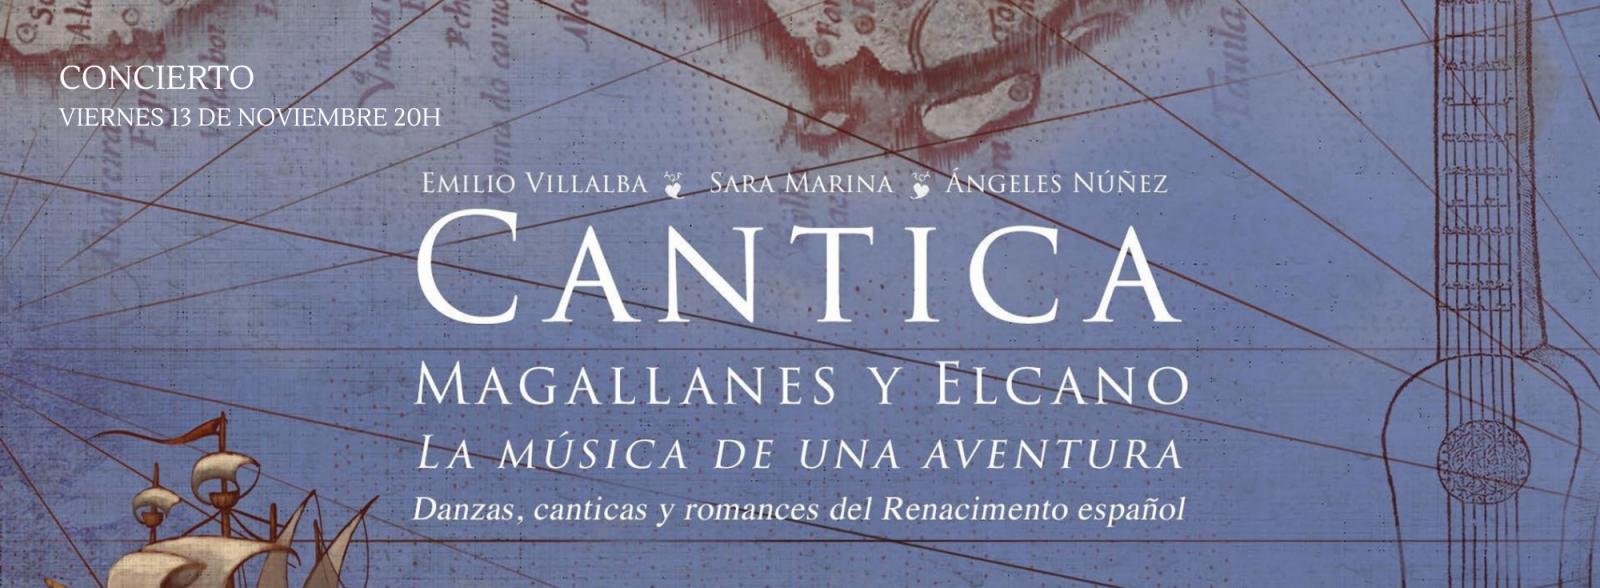 Cantica. Magallanes y Elcano.